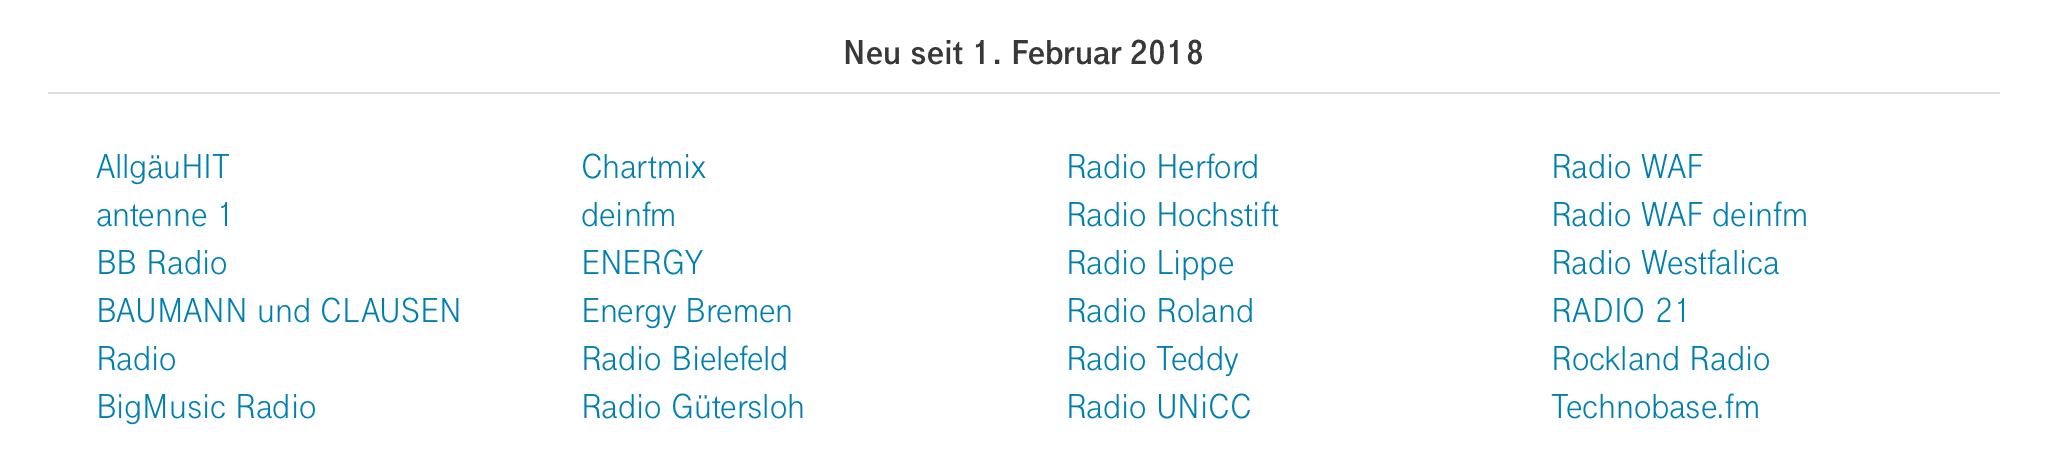 Neu bei StreamOn im Februar 2018 - Deutsche Telekom - Screenshot